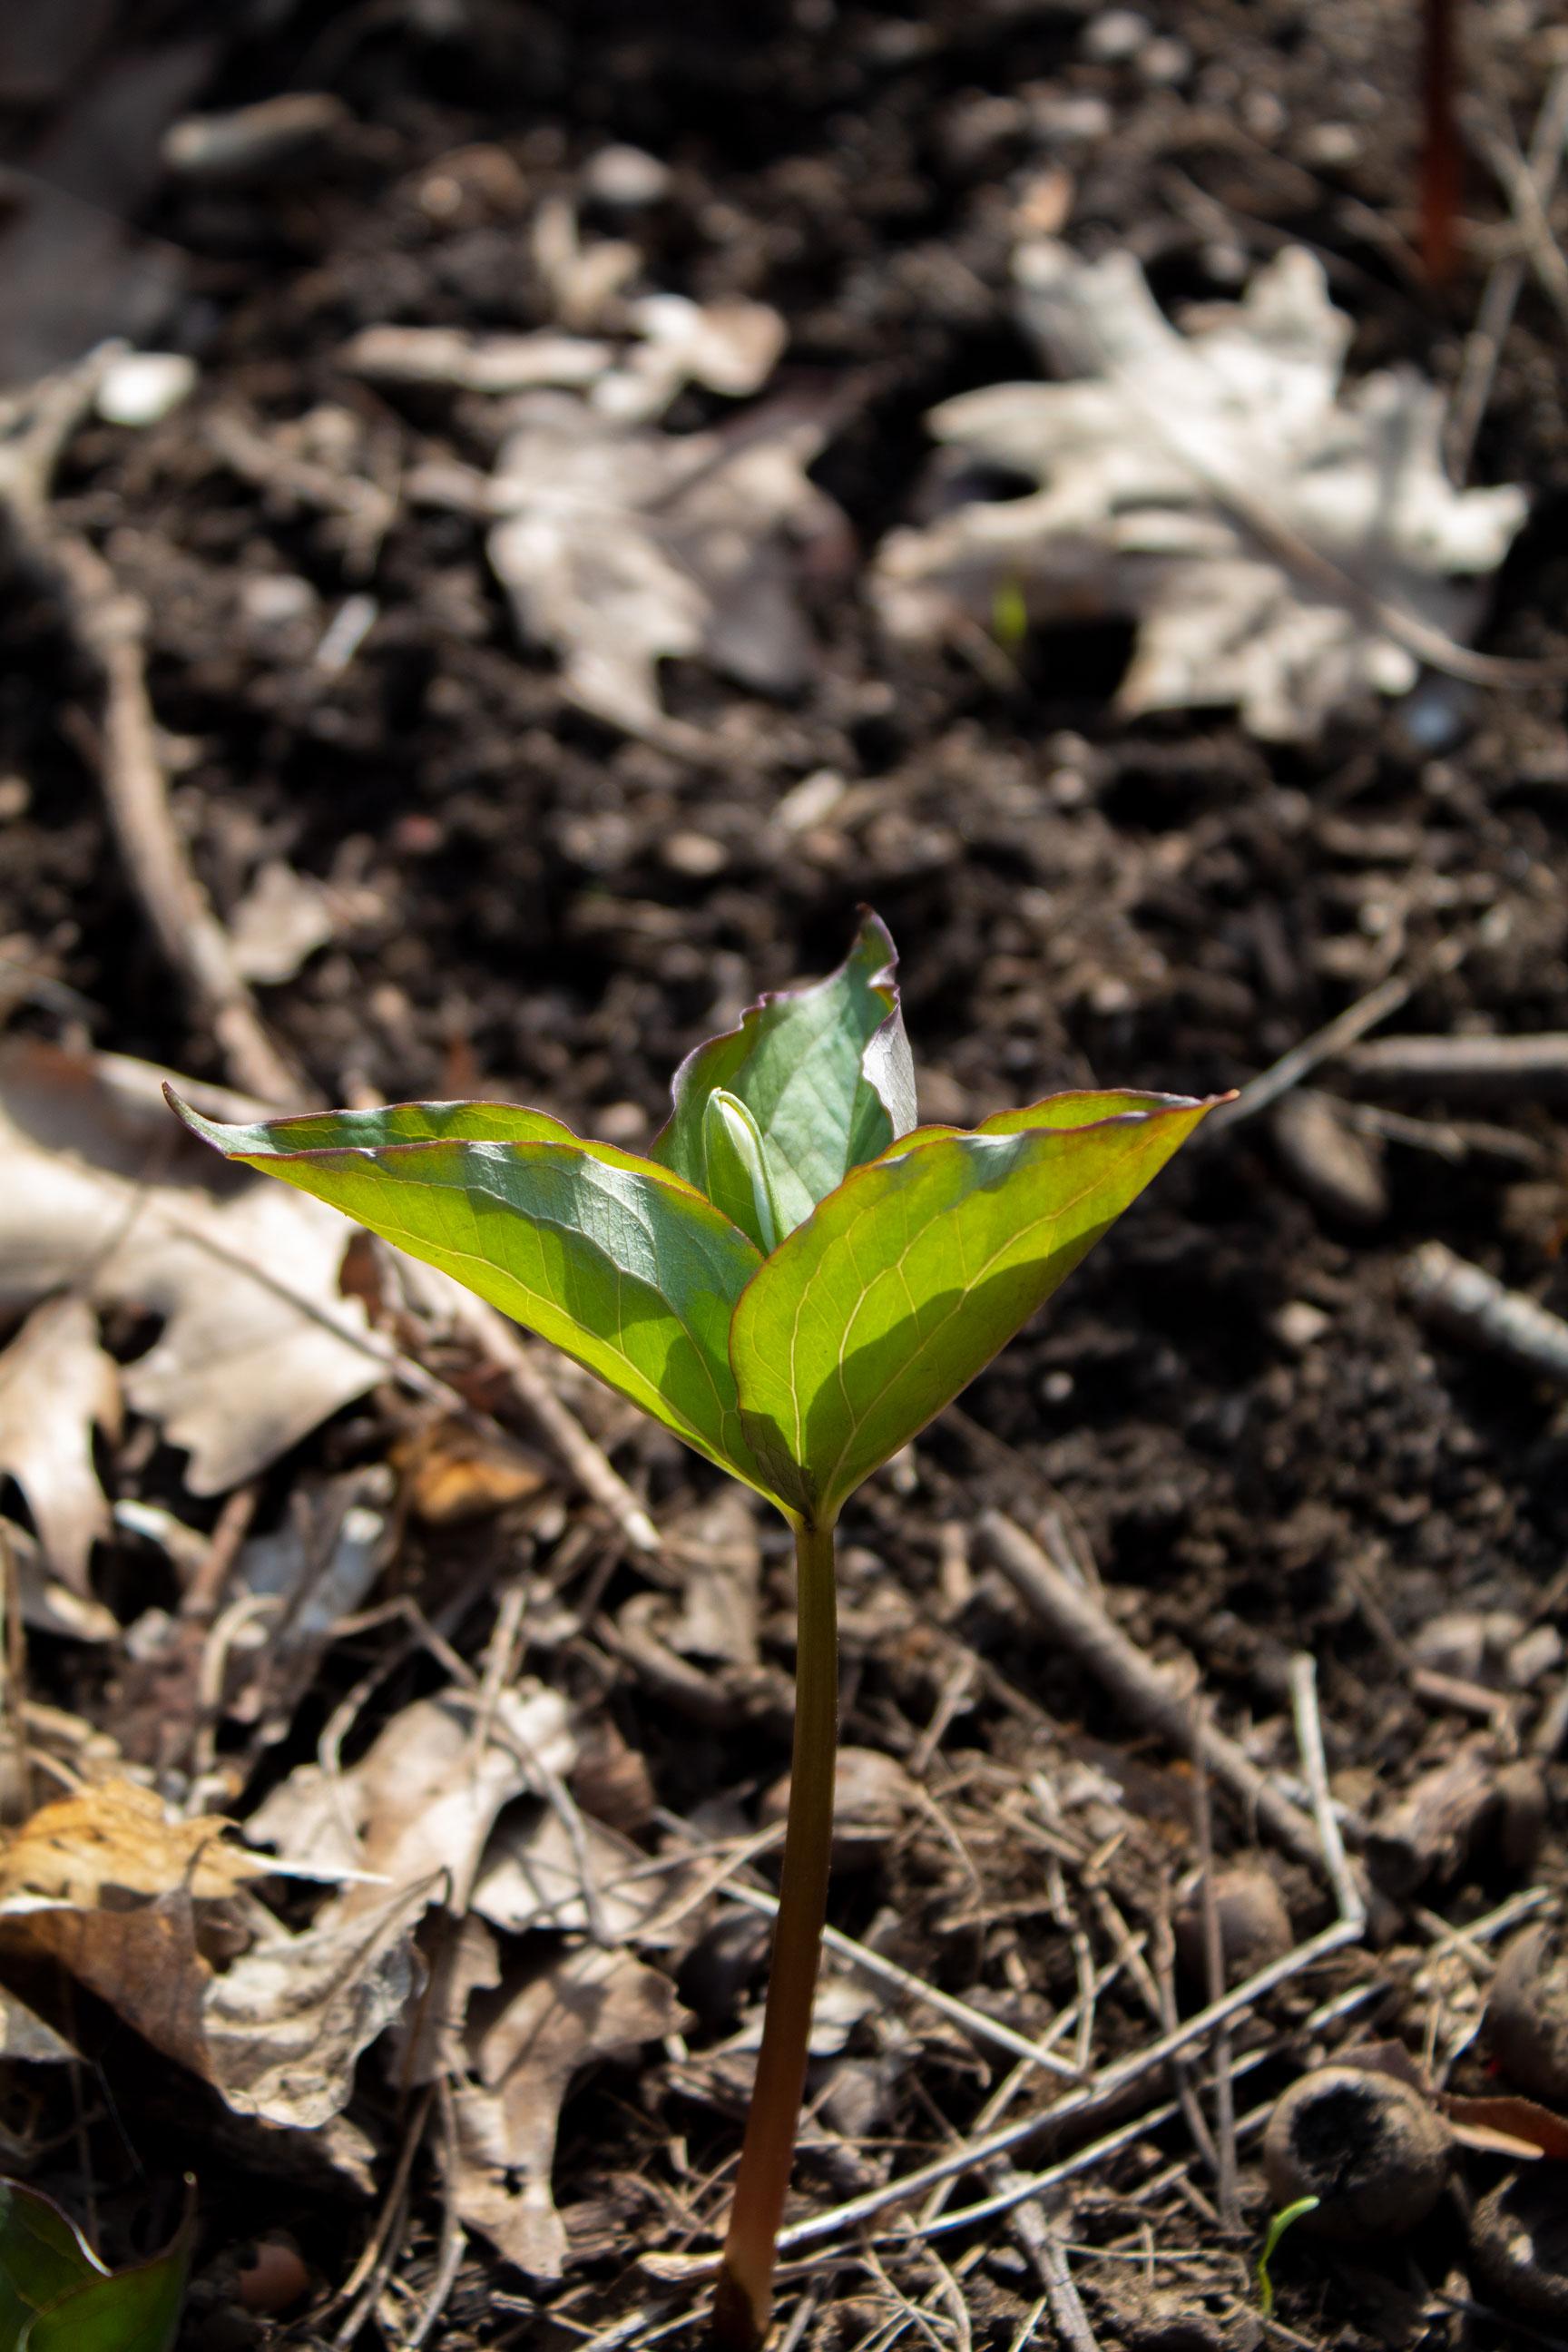 Trilium on the forest floor